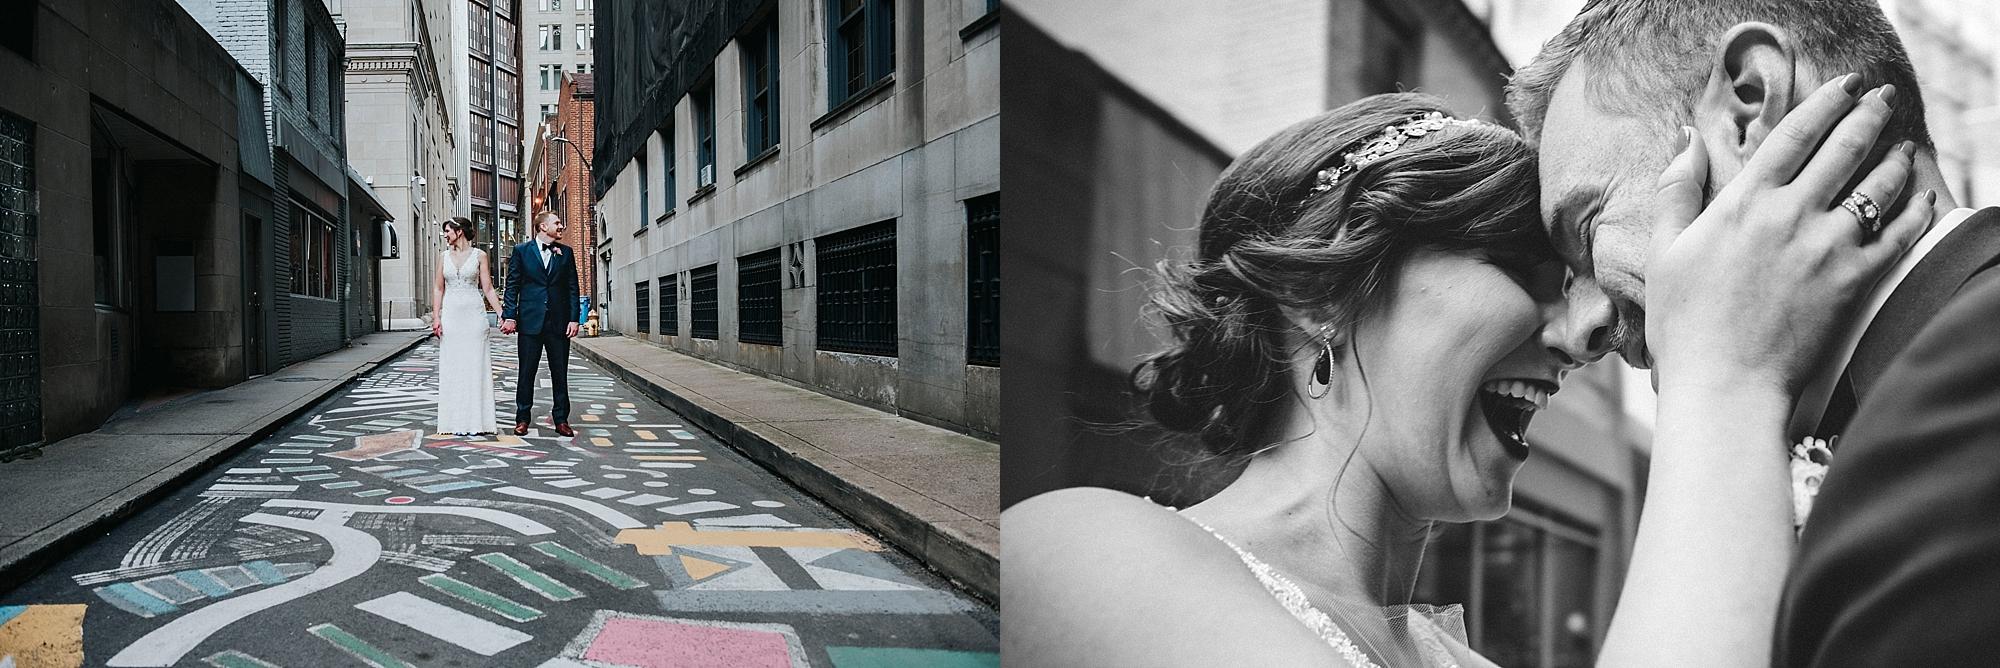 Duquesne-club-wedding-Pittsburgh_0056.jpg